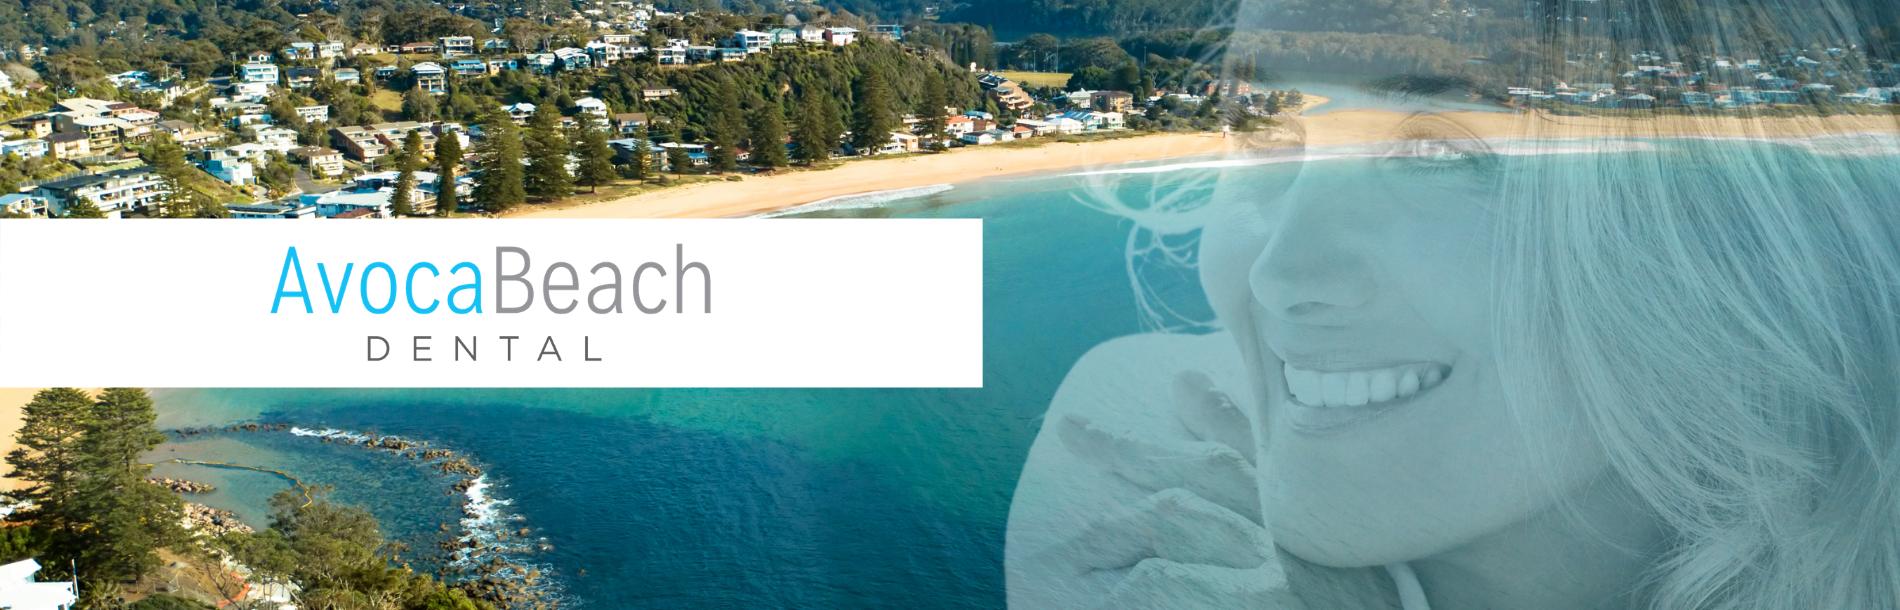 Avoca Beach Dental – Your Dental Destination